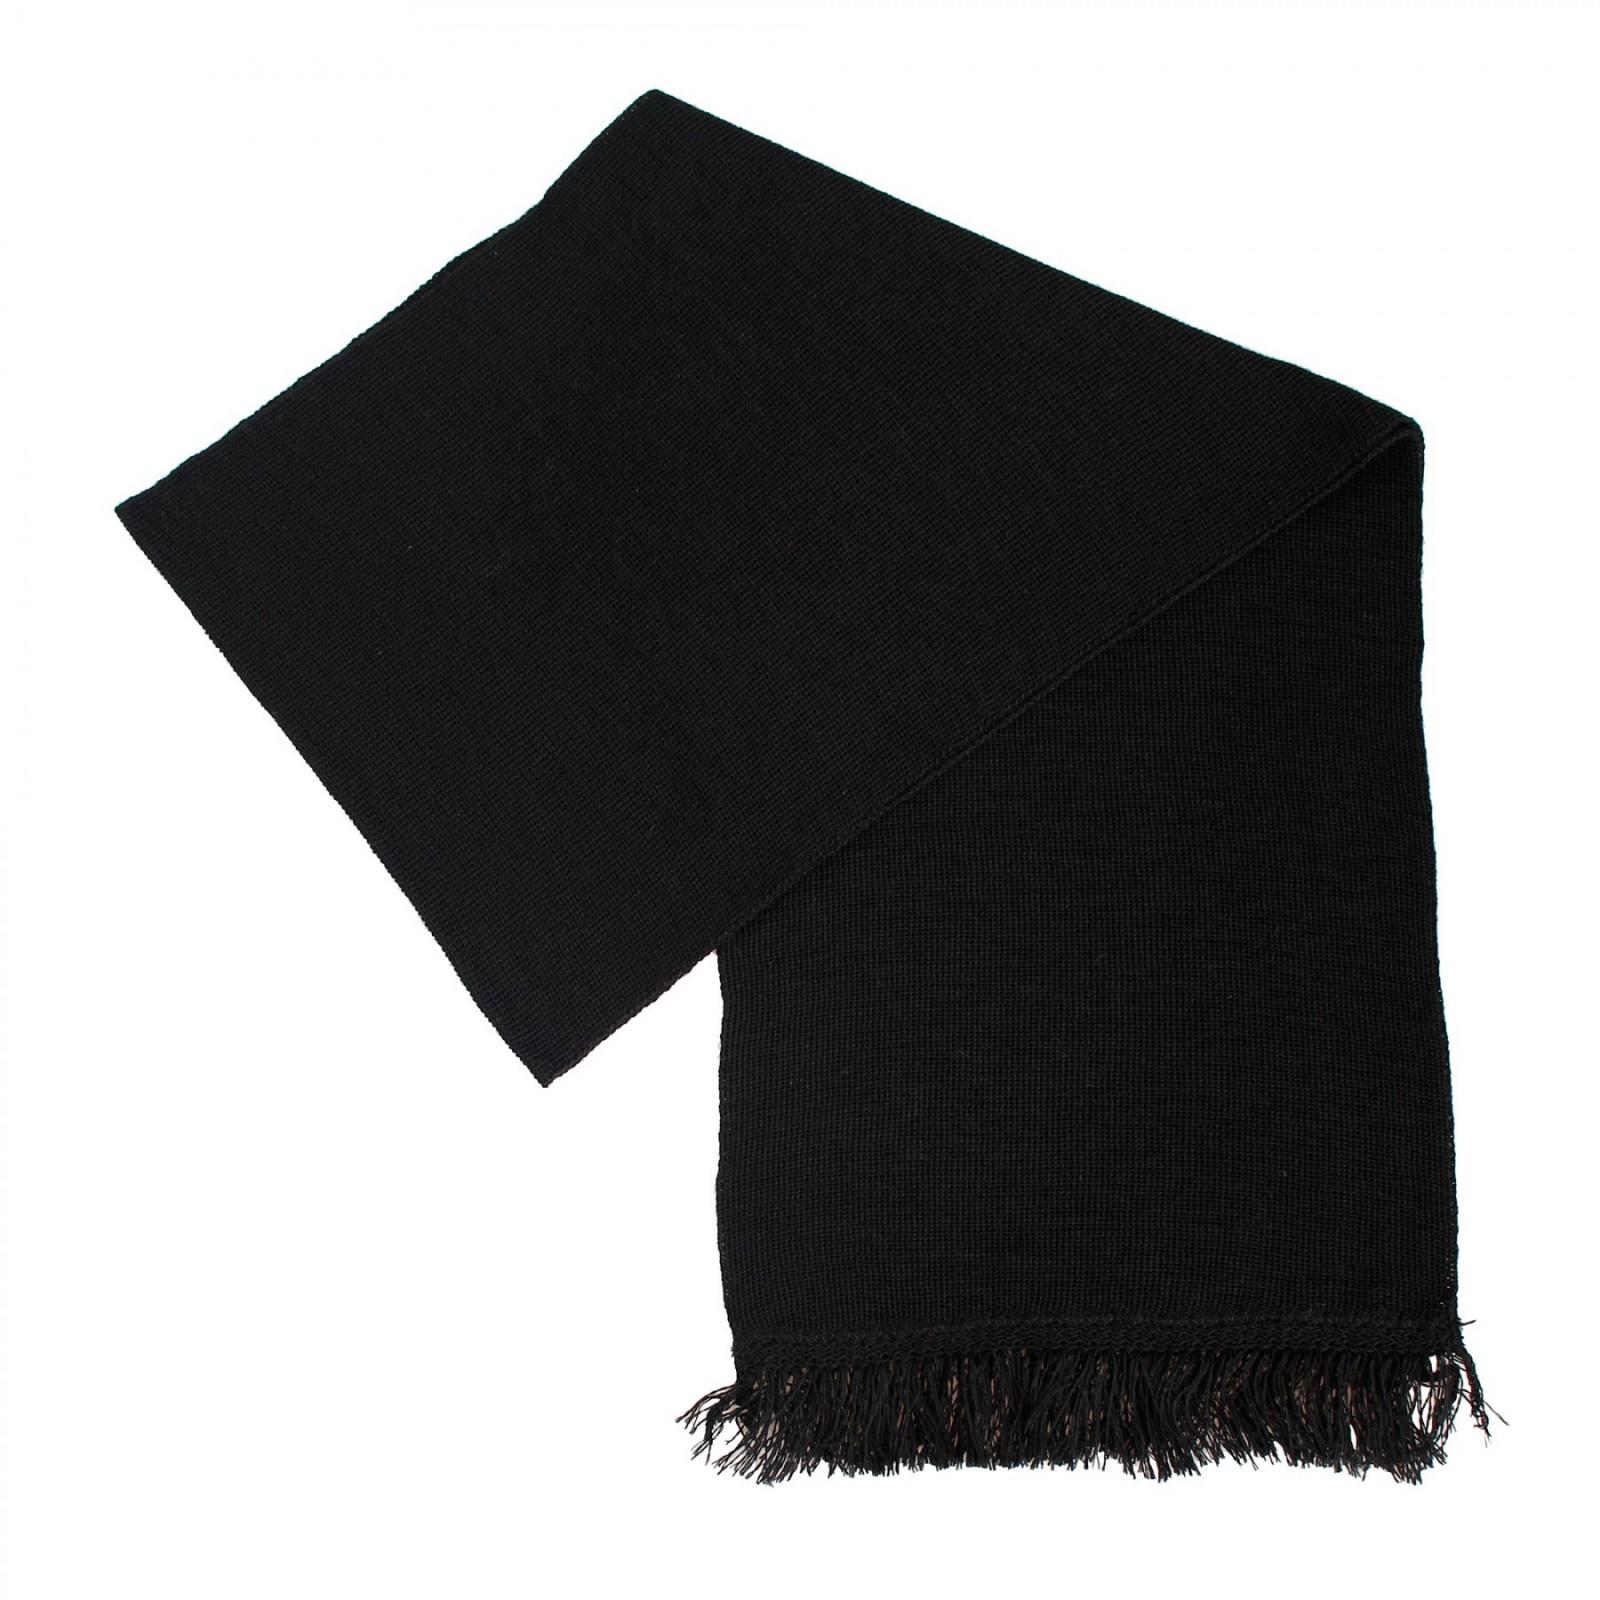 Заказать черный шарф (кашне, уставной) в Военпро